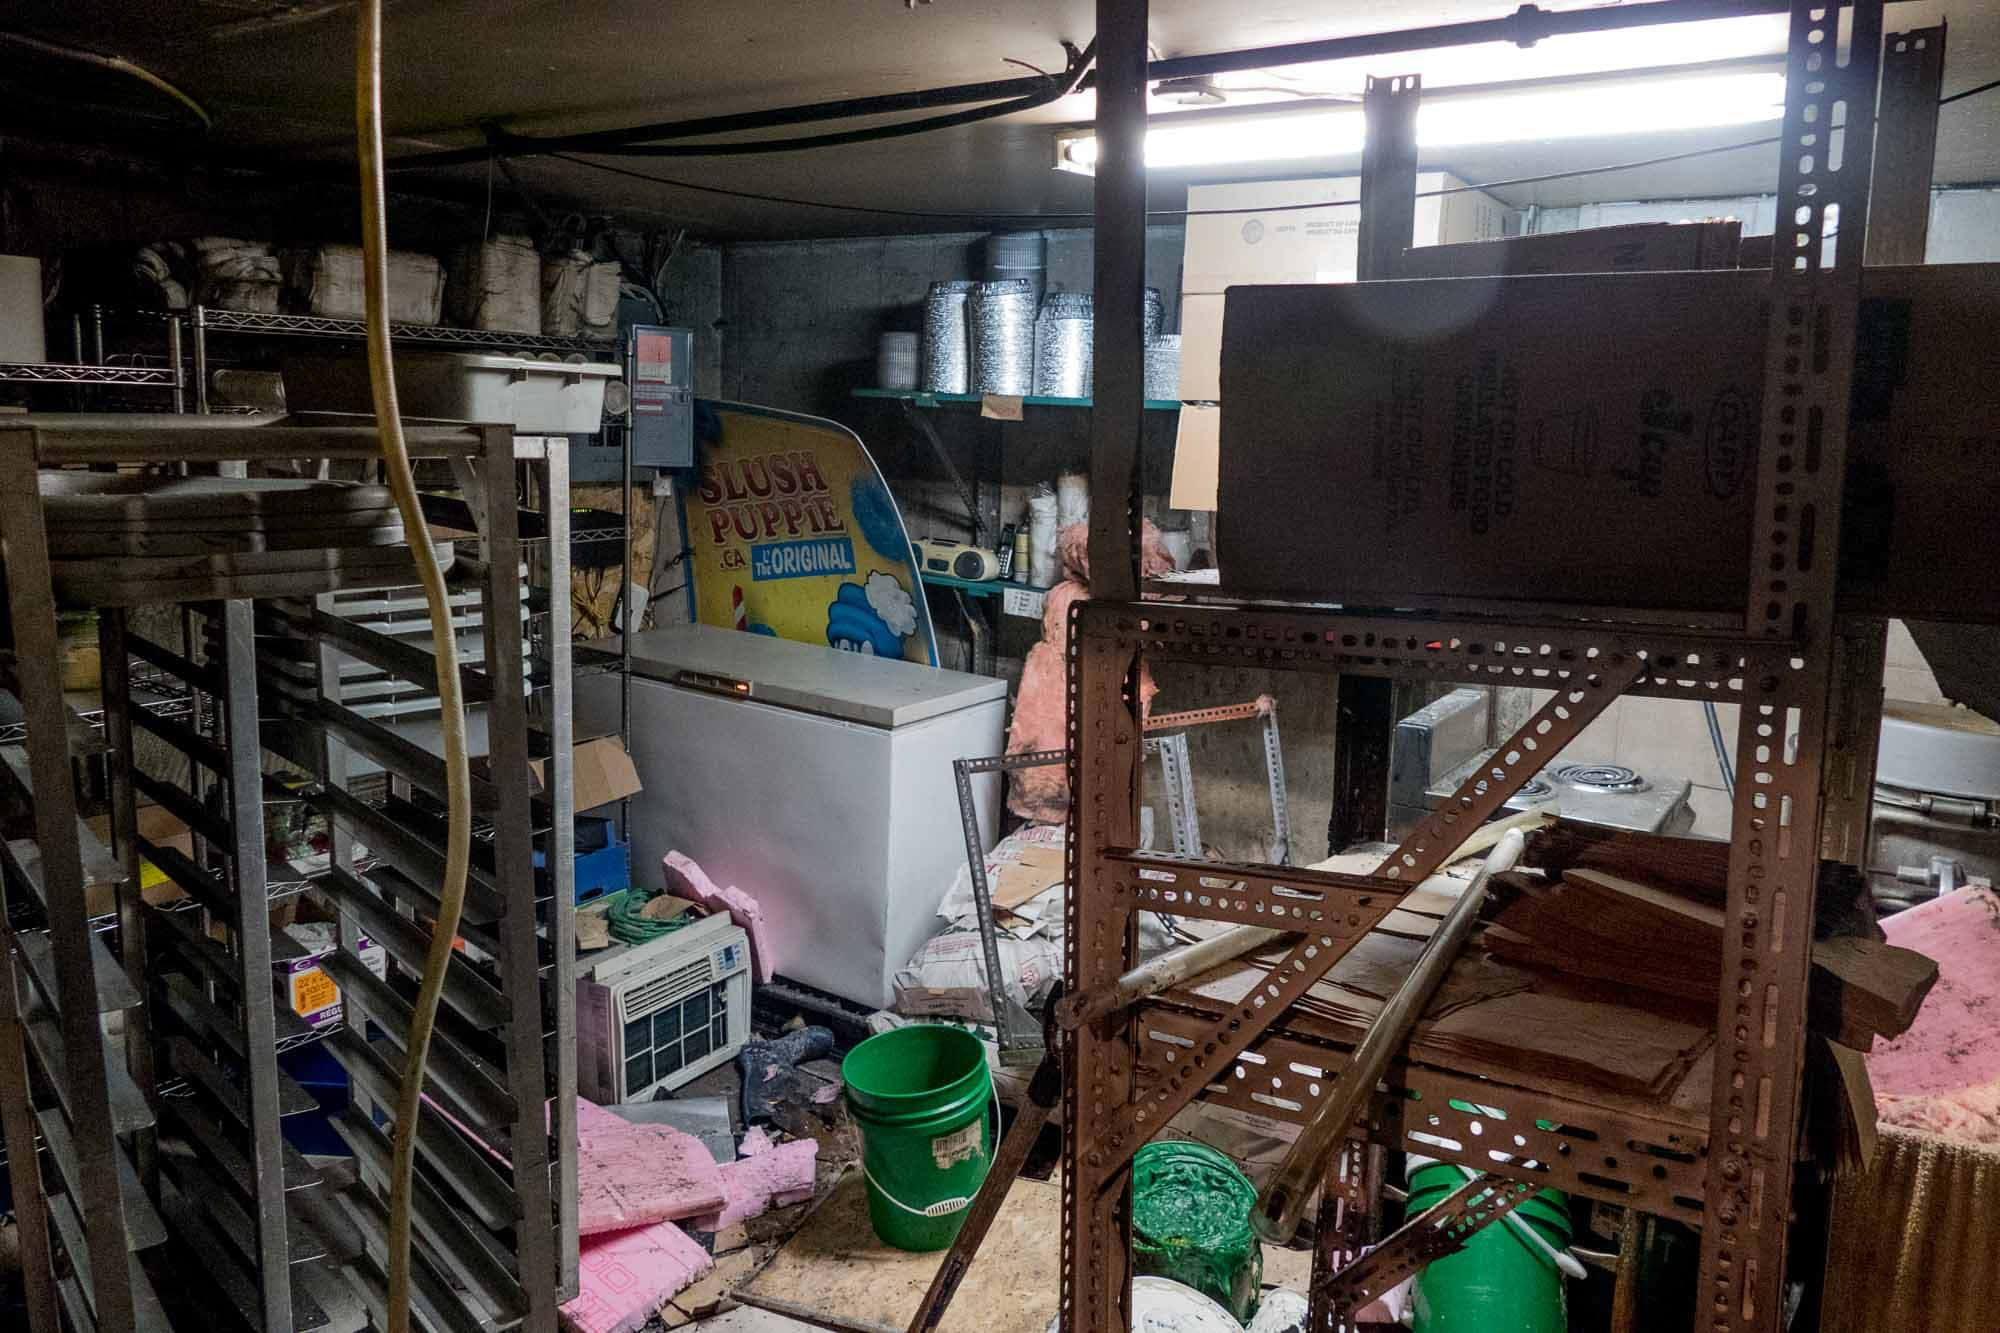 Les ravages au sous-sol sont importants. C'est là que l'incendie a été allumé.